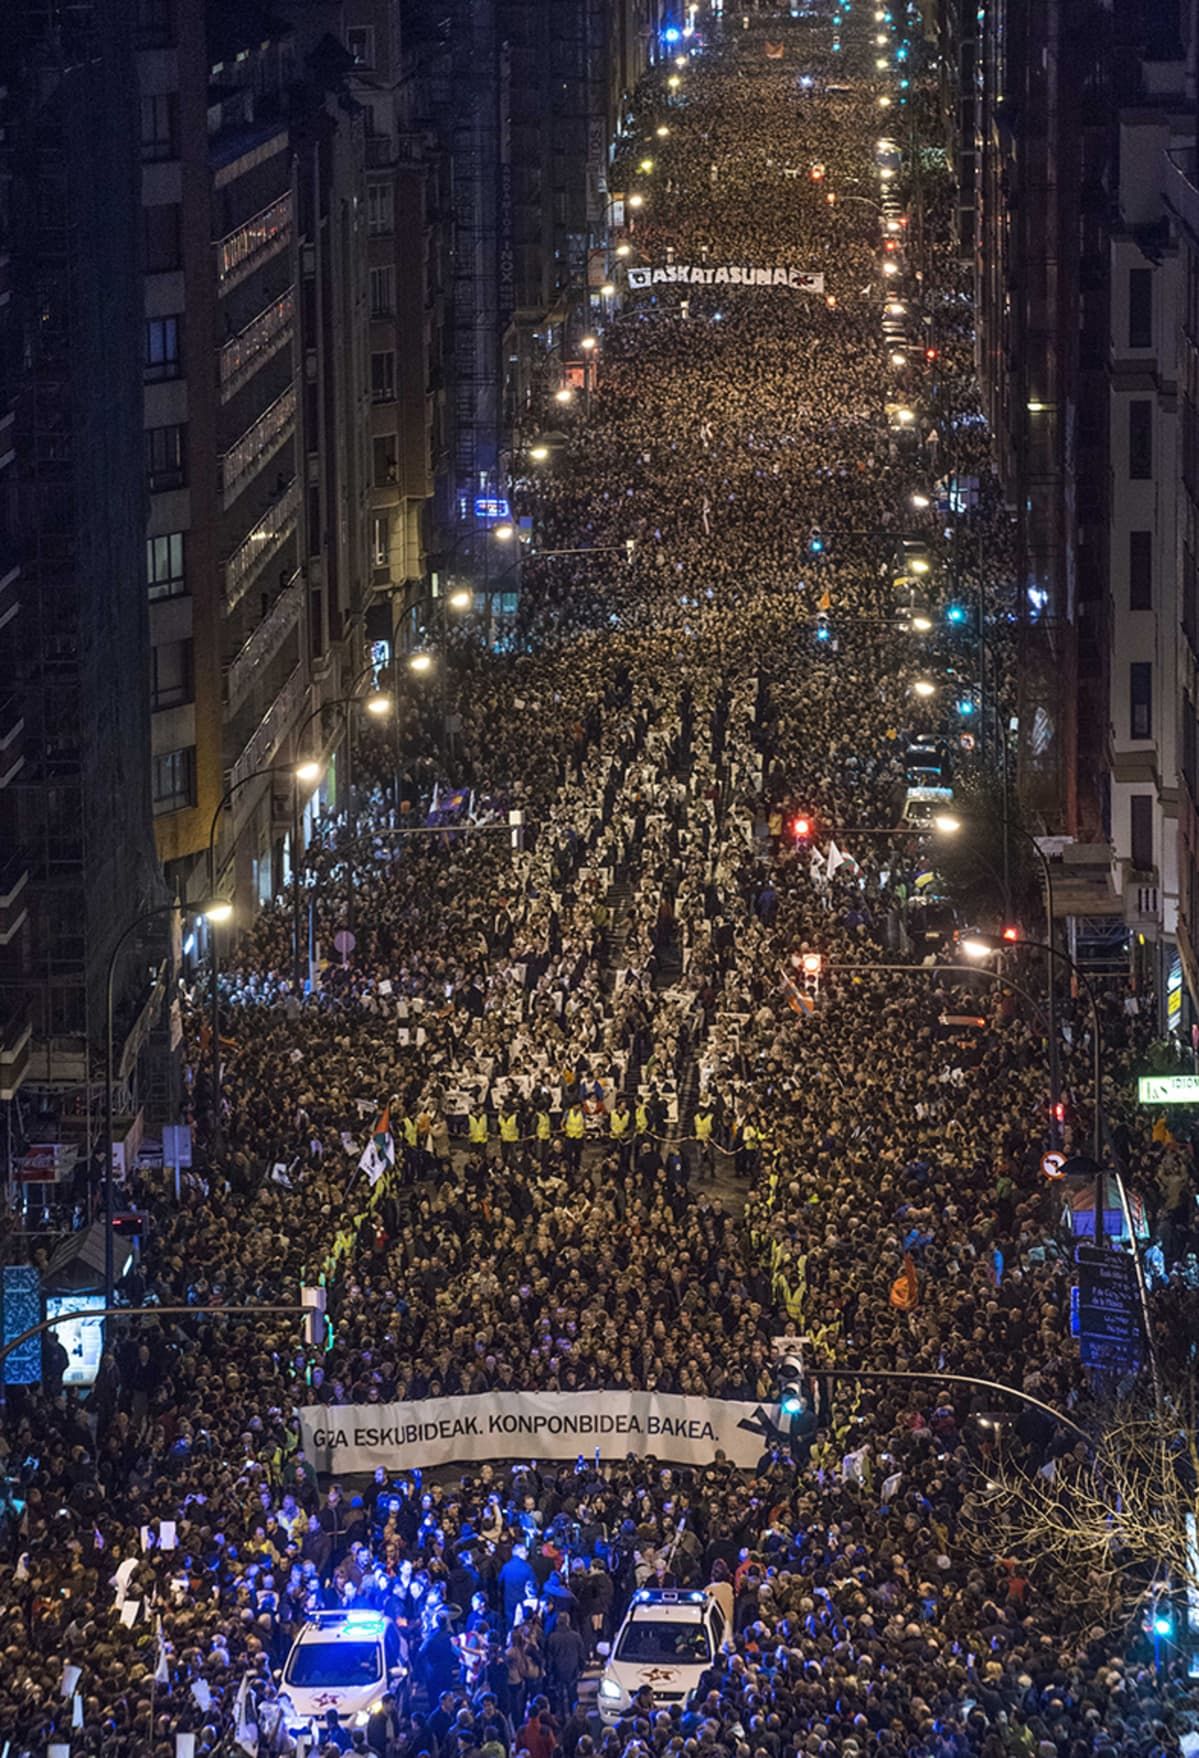 Tuhansien ihmisten mielenosoitusmarssi.